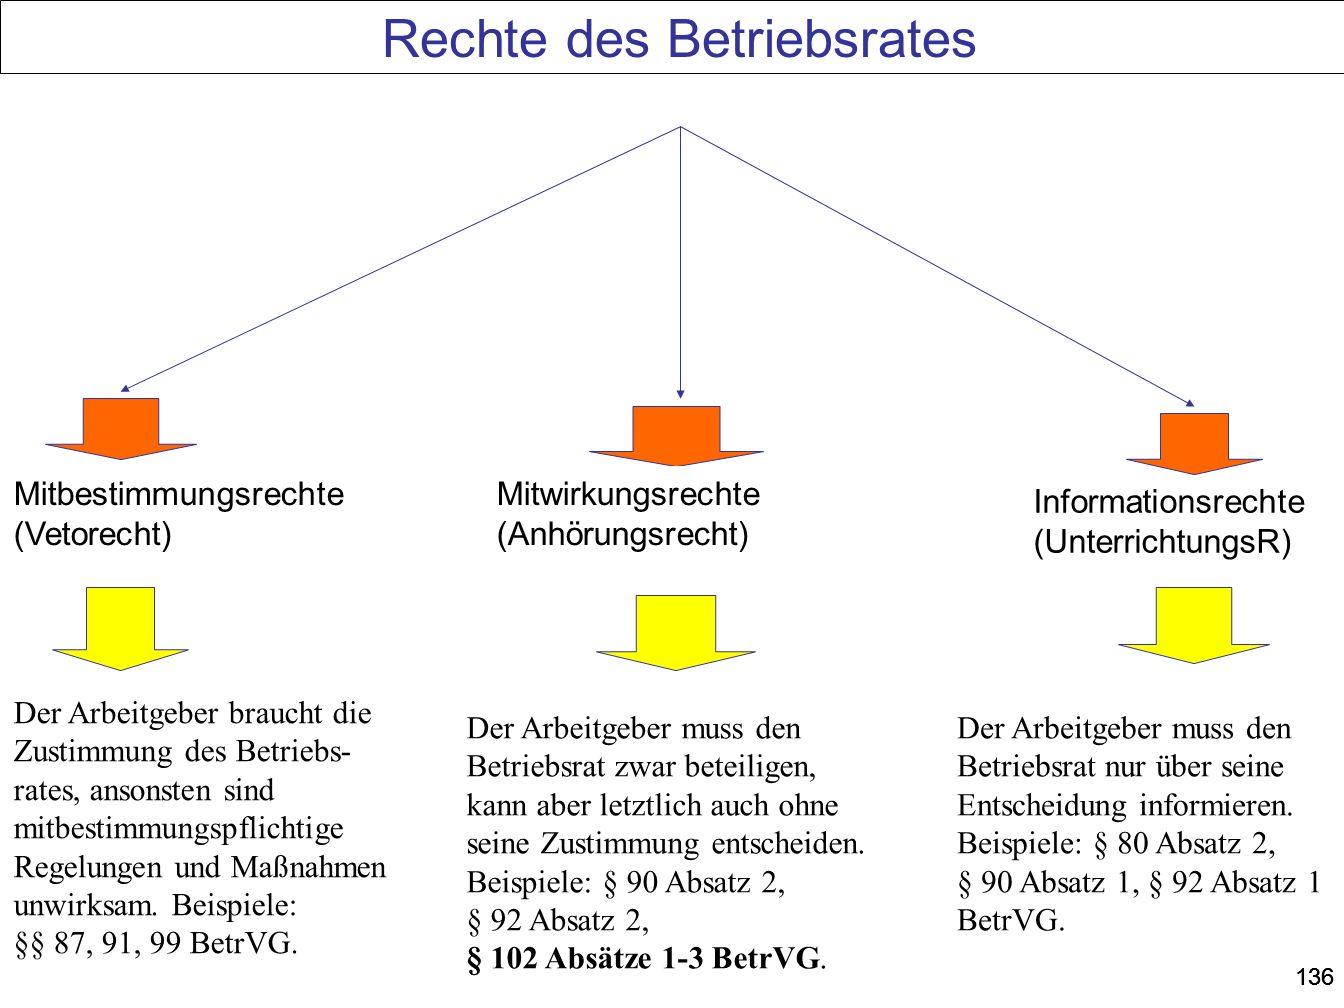 136 Rechte des Betriebsrates Mitbestimmungsrechte (Vetorecht) Mitwirkungsrechte (Anhörungsrecht) Informationsrechte (UnterrichtungsR) Der Arbeitgeber